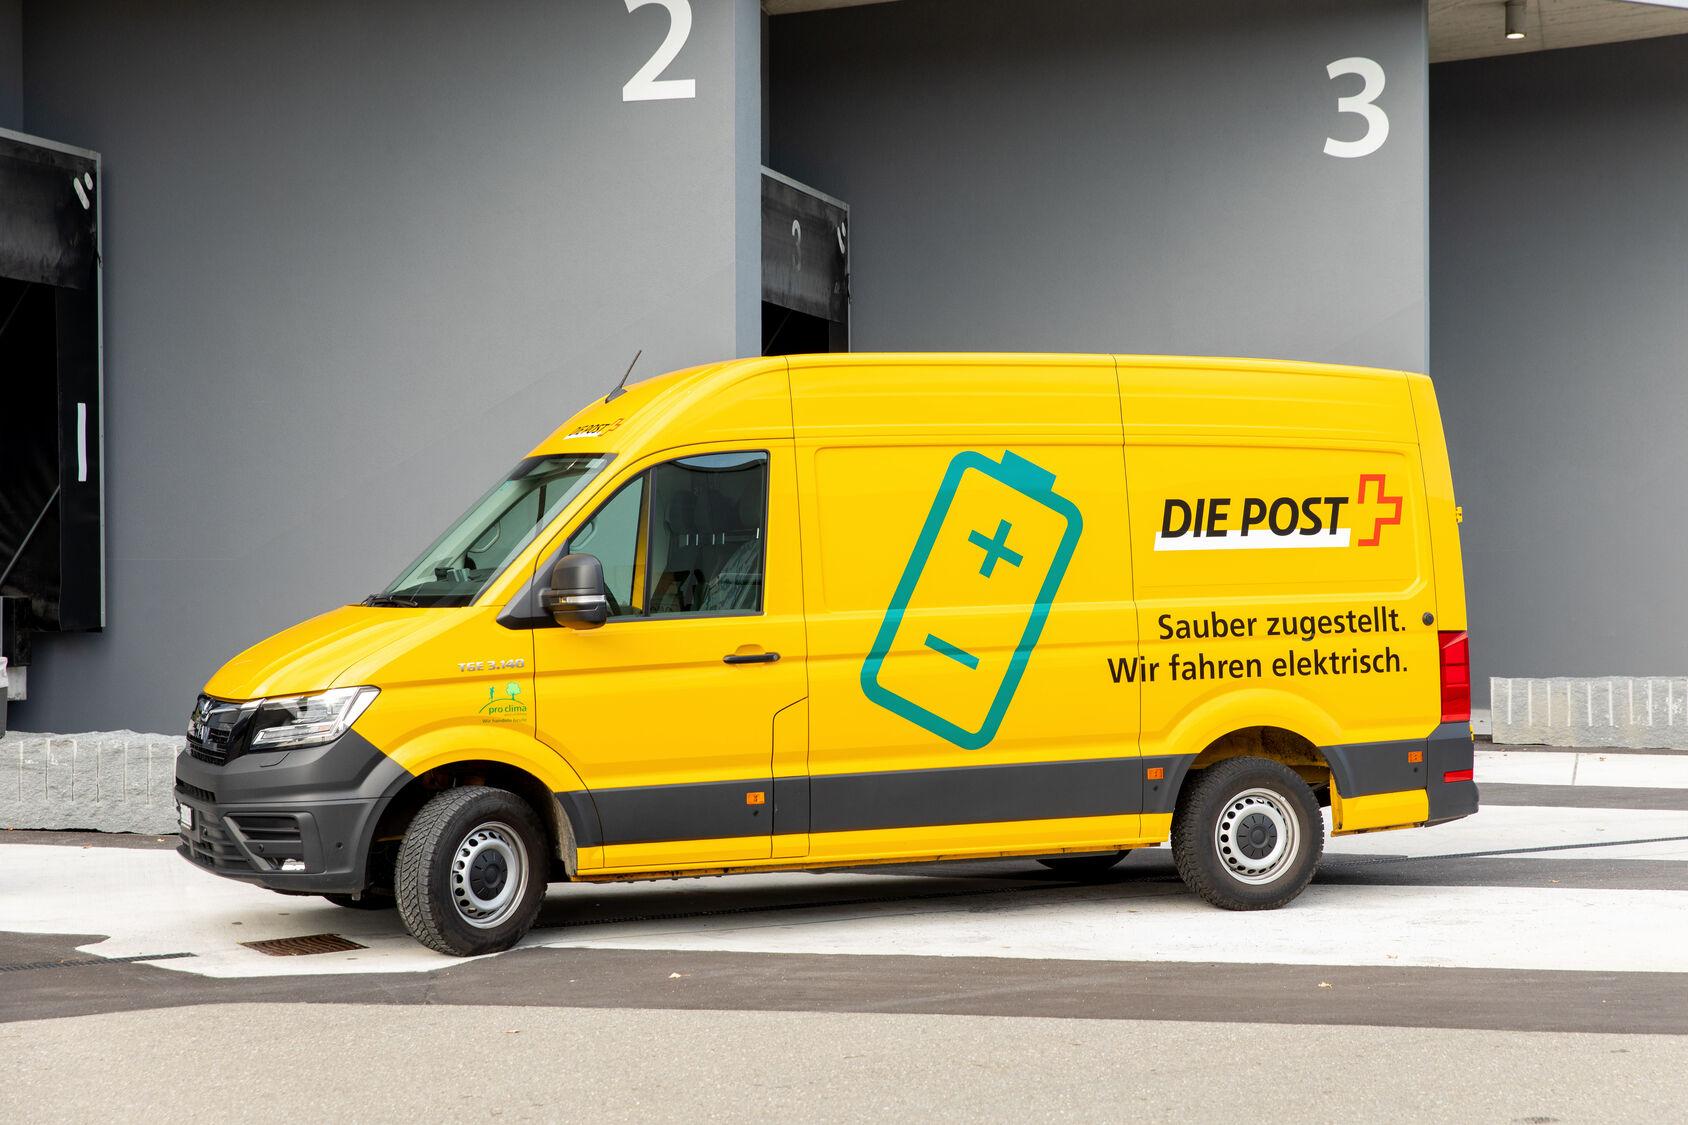 Vous l'avez certainement déjà croisé sur votre route : il est jaune mais son logo montre qu'il est aussi vert: Son volume de chargement: 10,7 m3; poids: 3,5 tonnes; charge utile: env. 950 kg; économies de CO2 pour un kilométrage annuel de 35 000 km: env. 7,5 tonnes.